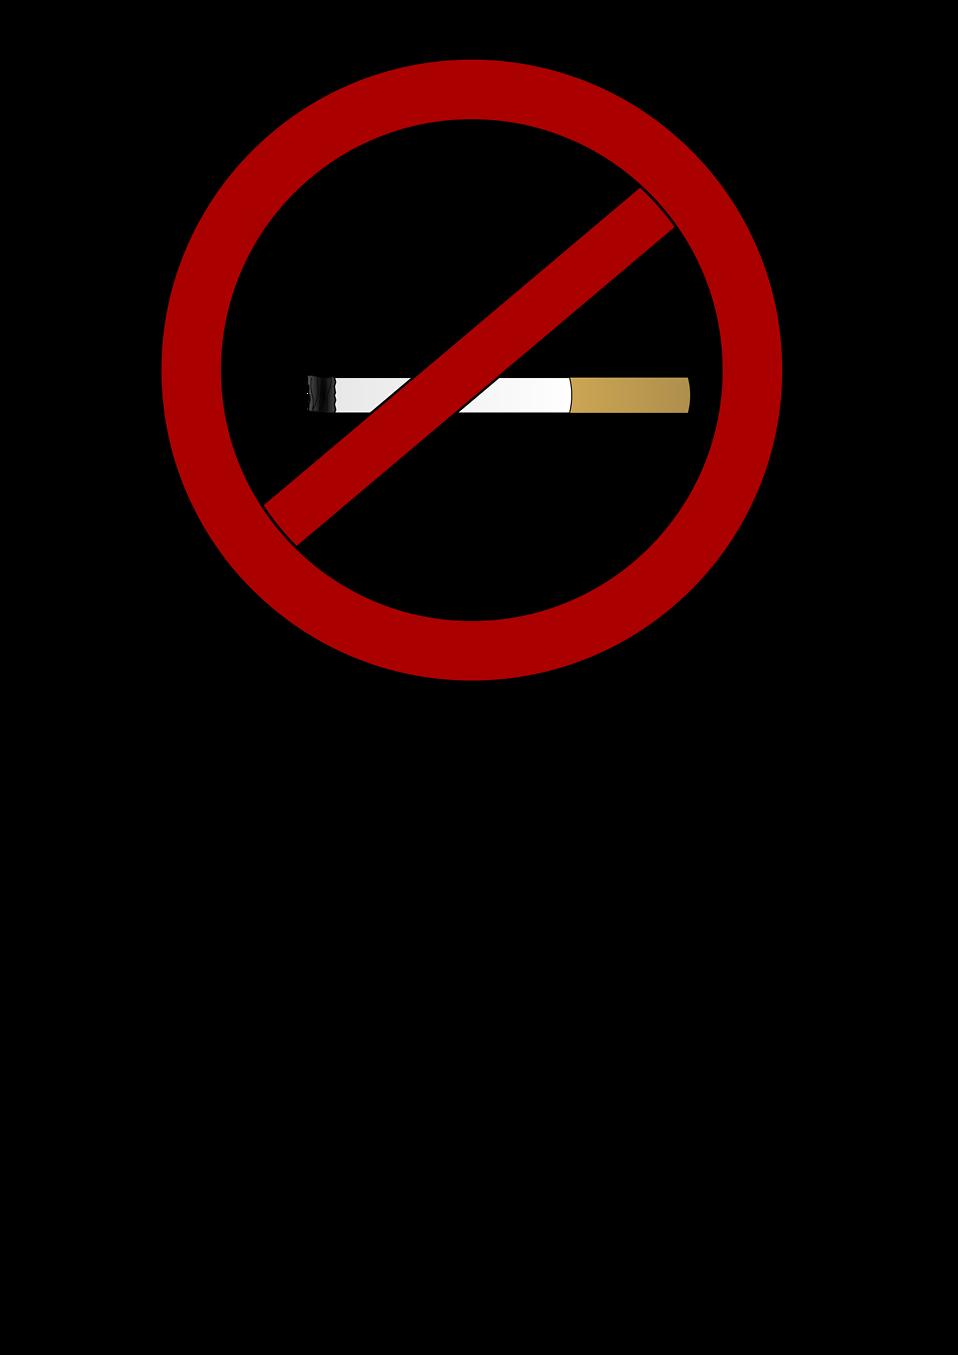 Displaying (20) Gallery Images For Cigarette Transparent Background...: imgarcade.com/1/cigarette-transparent-background